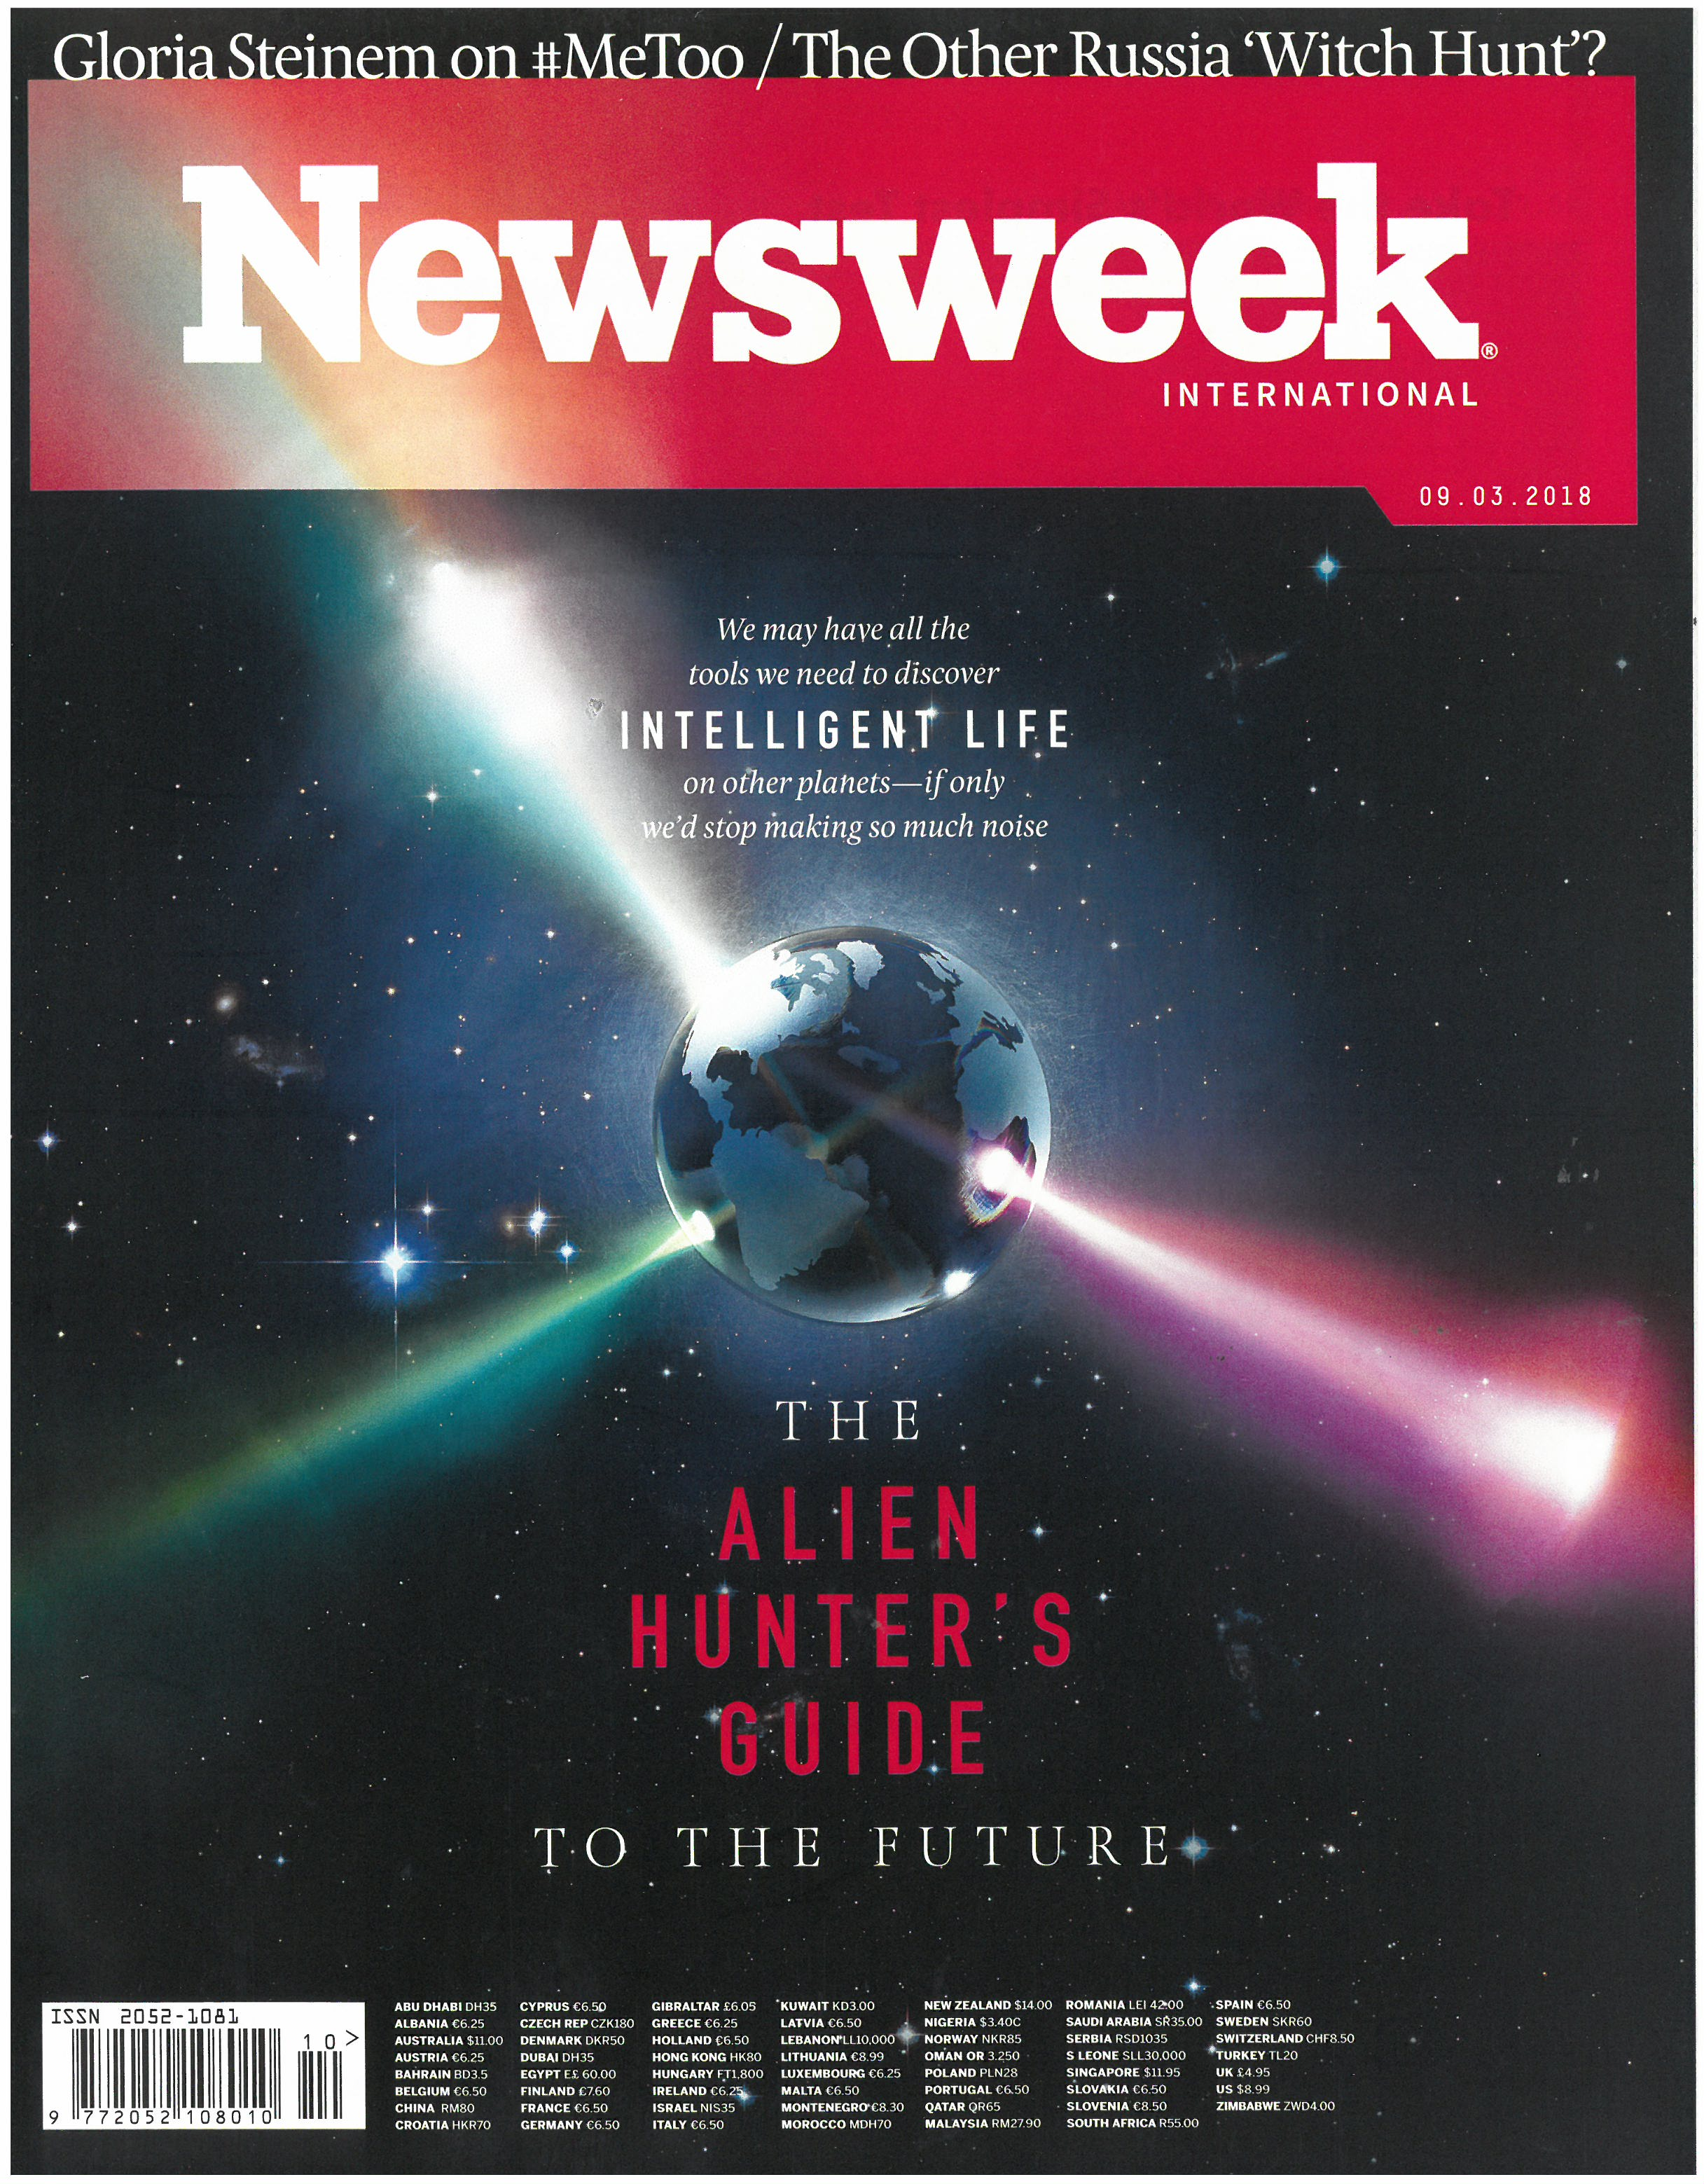 Newsweek_03-18.jpg